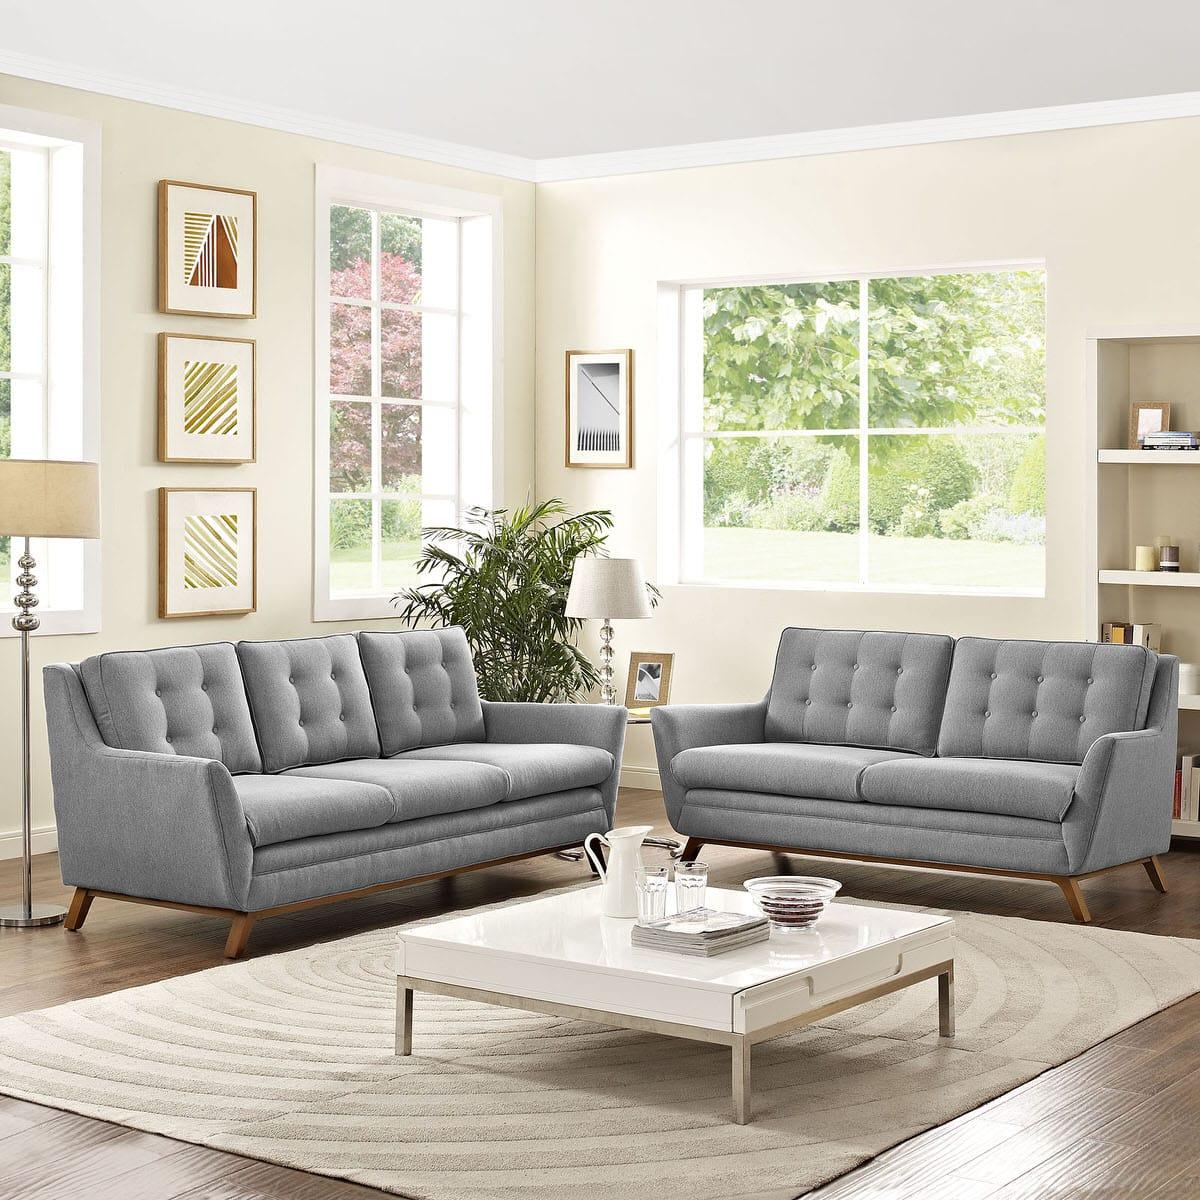 Beguile Living Room Set Upholstered Fabric Set